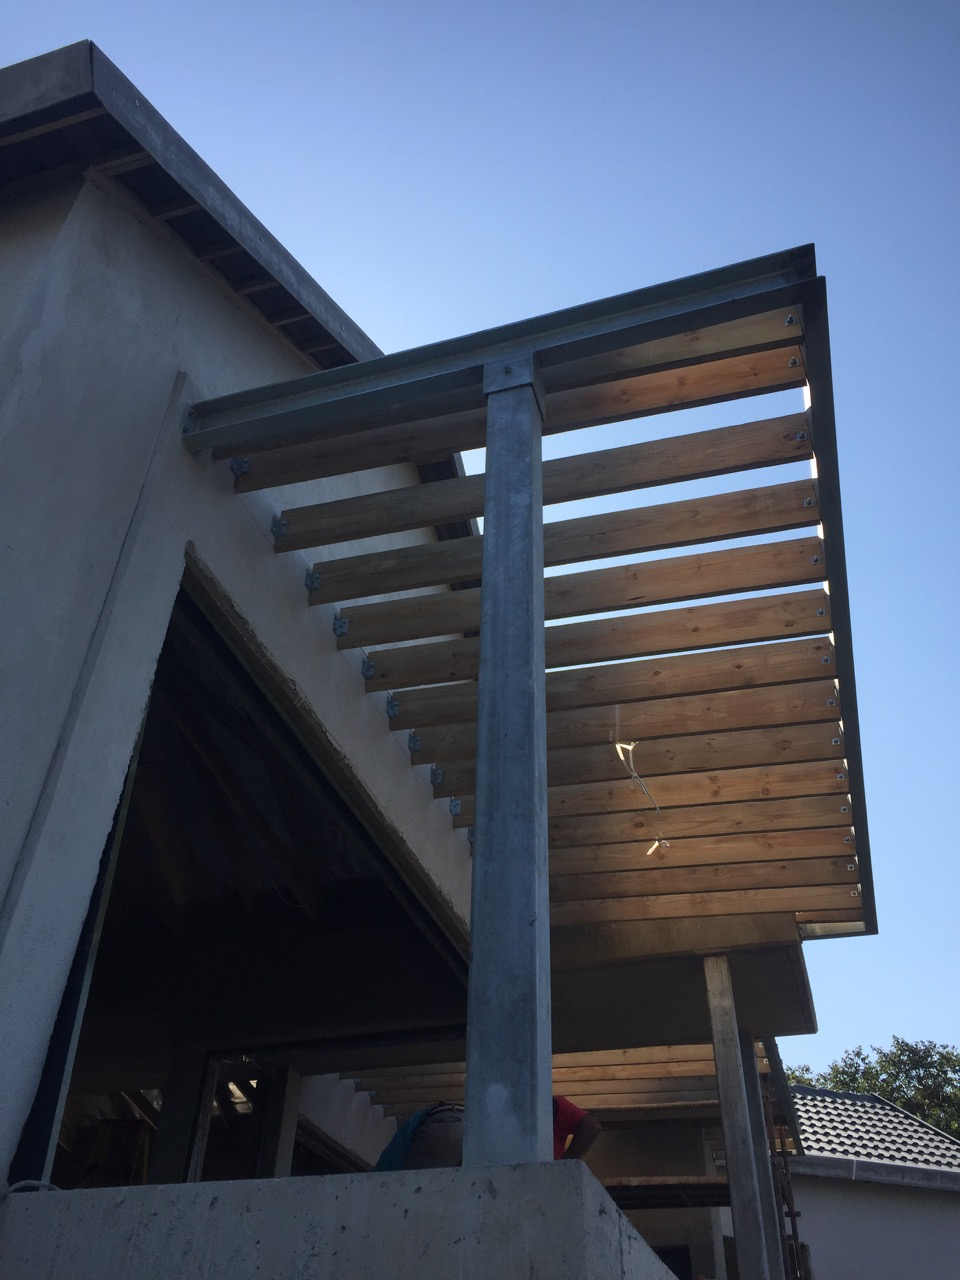 Pergola structure